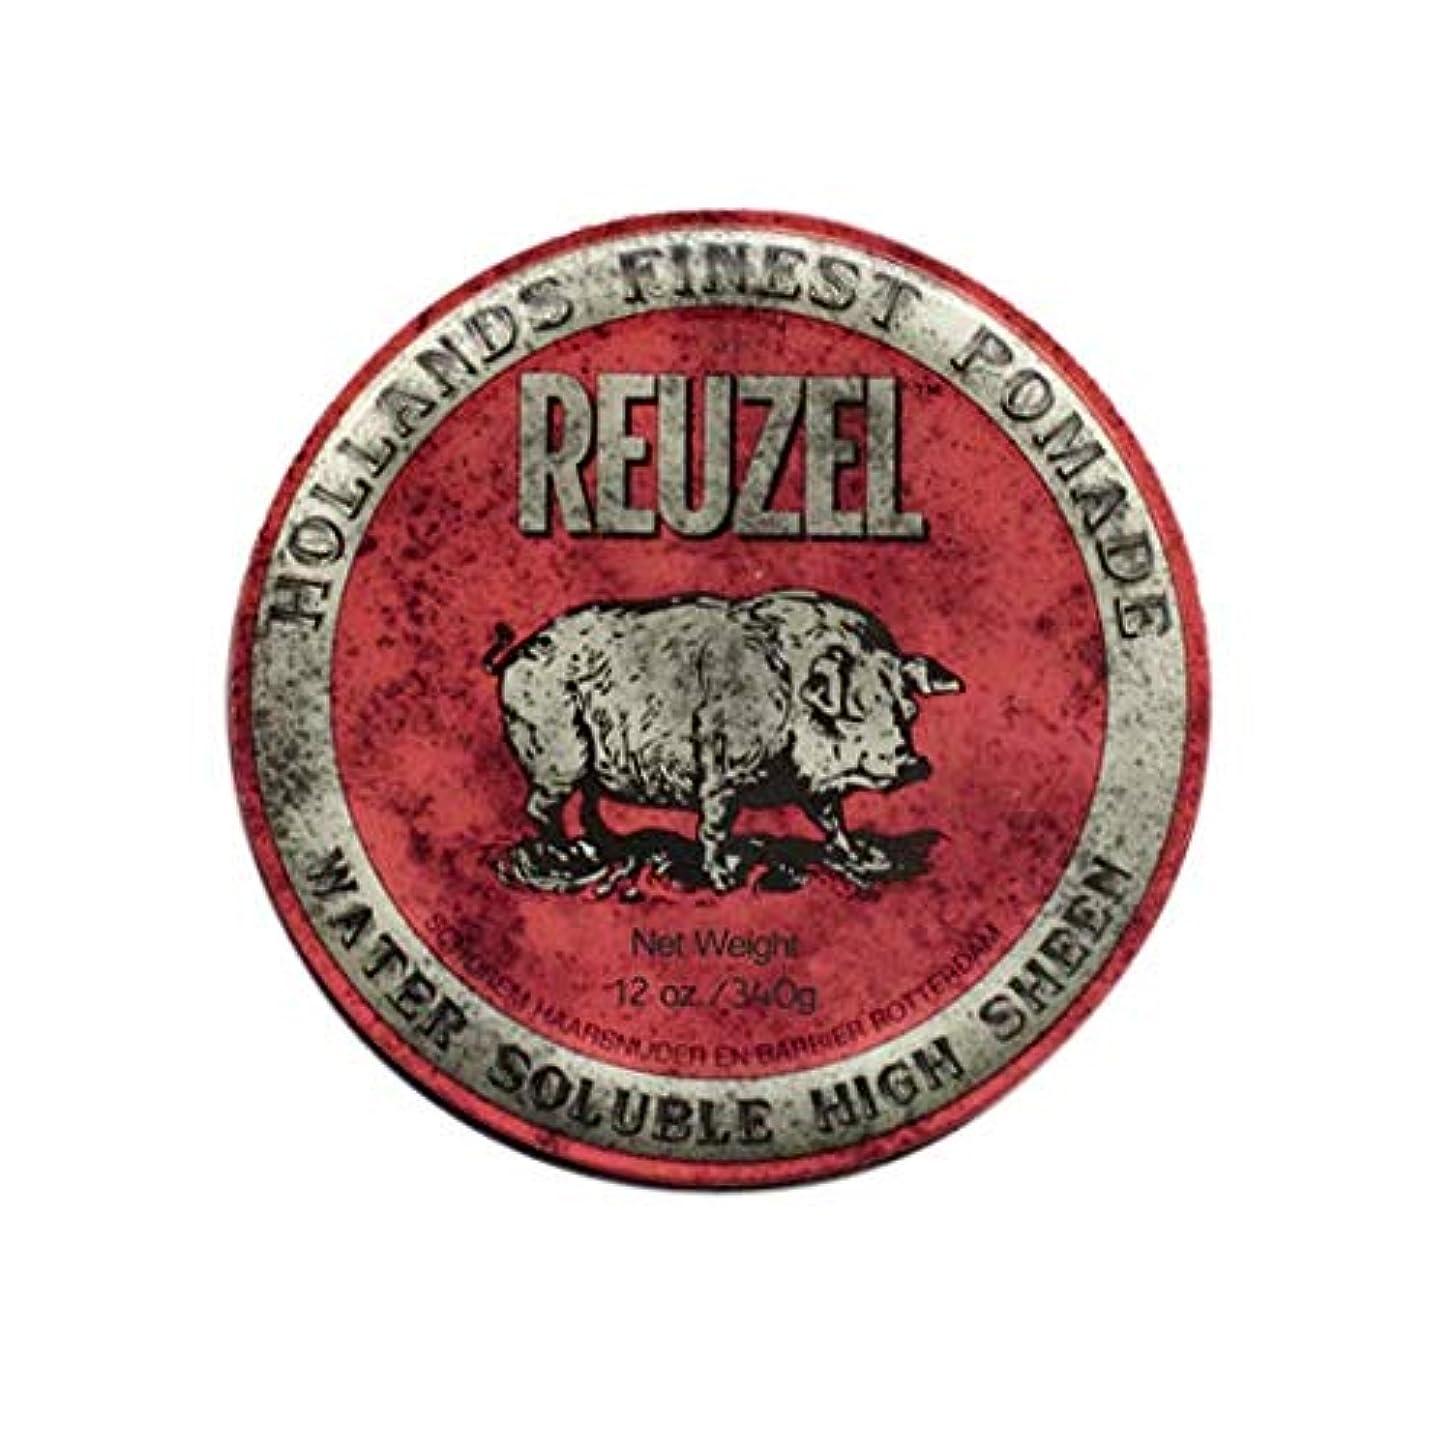 ロボットパスポートバッグルーゾー(REUZEL) ミディアムホールド レッド HIGH SHINE 340g